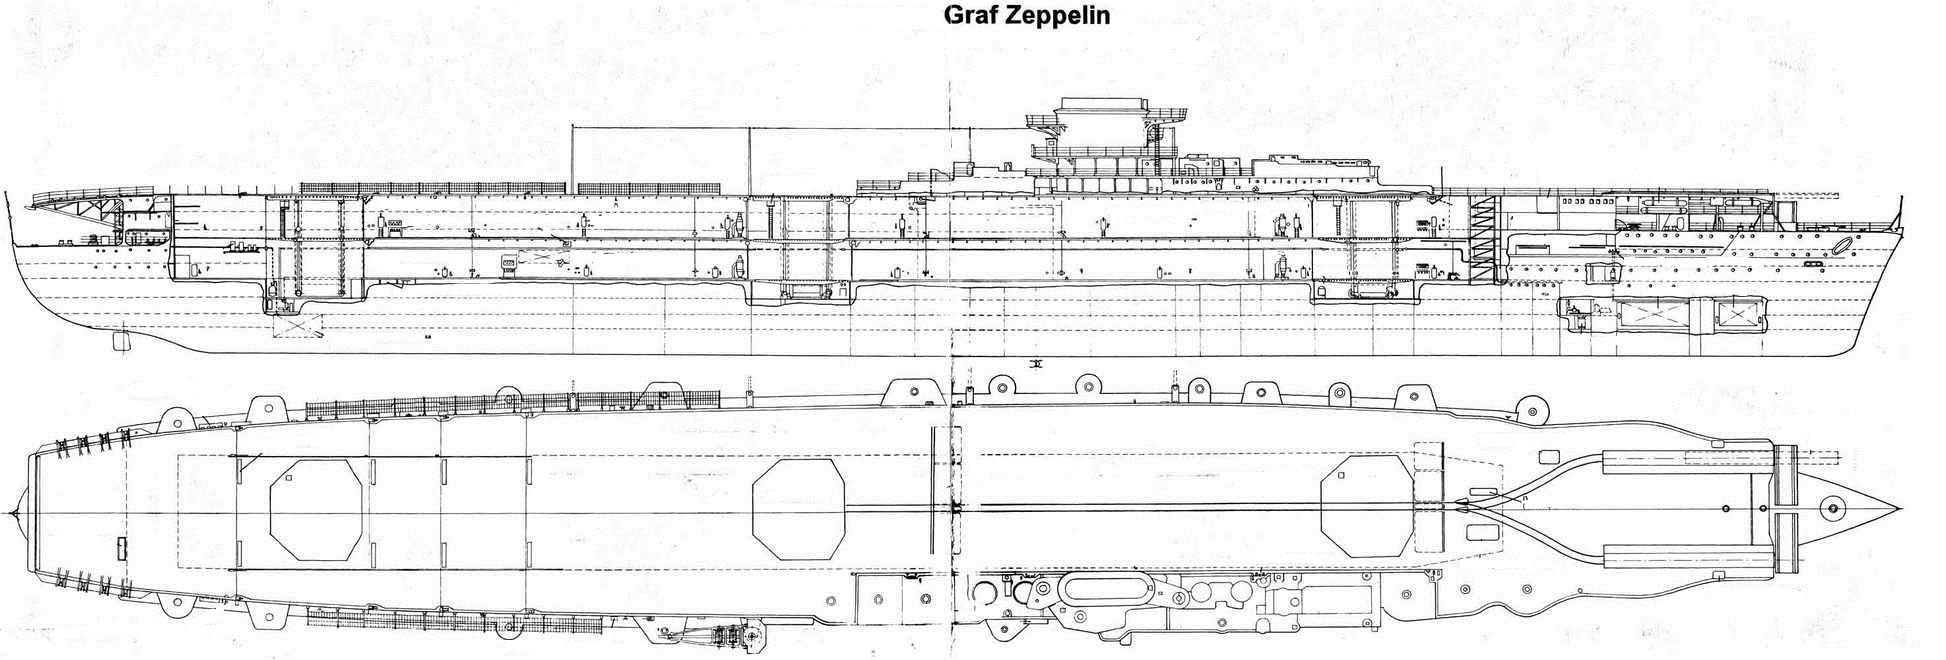 A Graf Zeppelin elrendezési rajza.